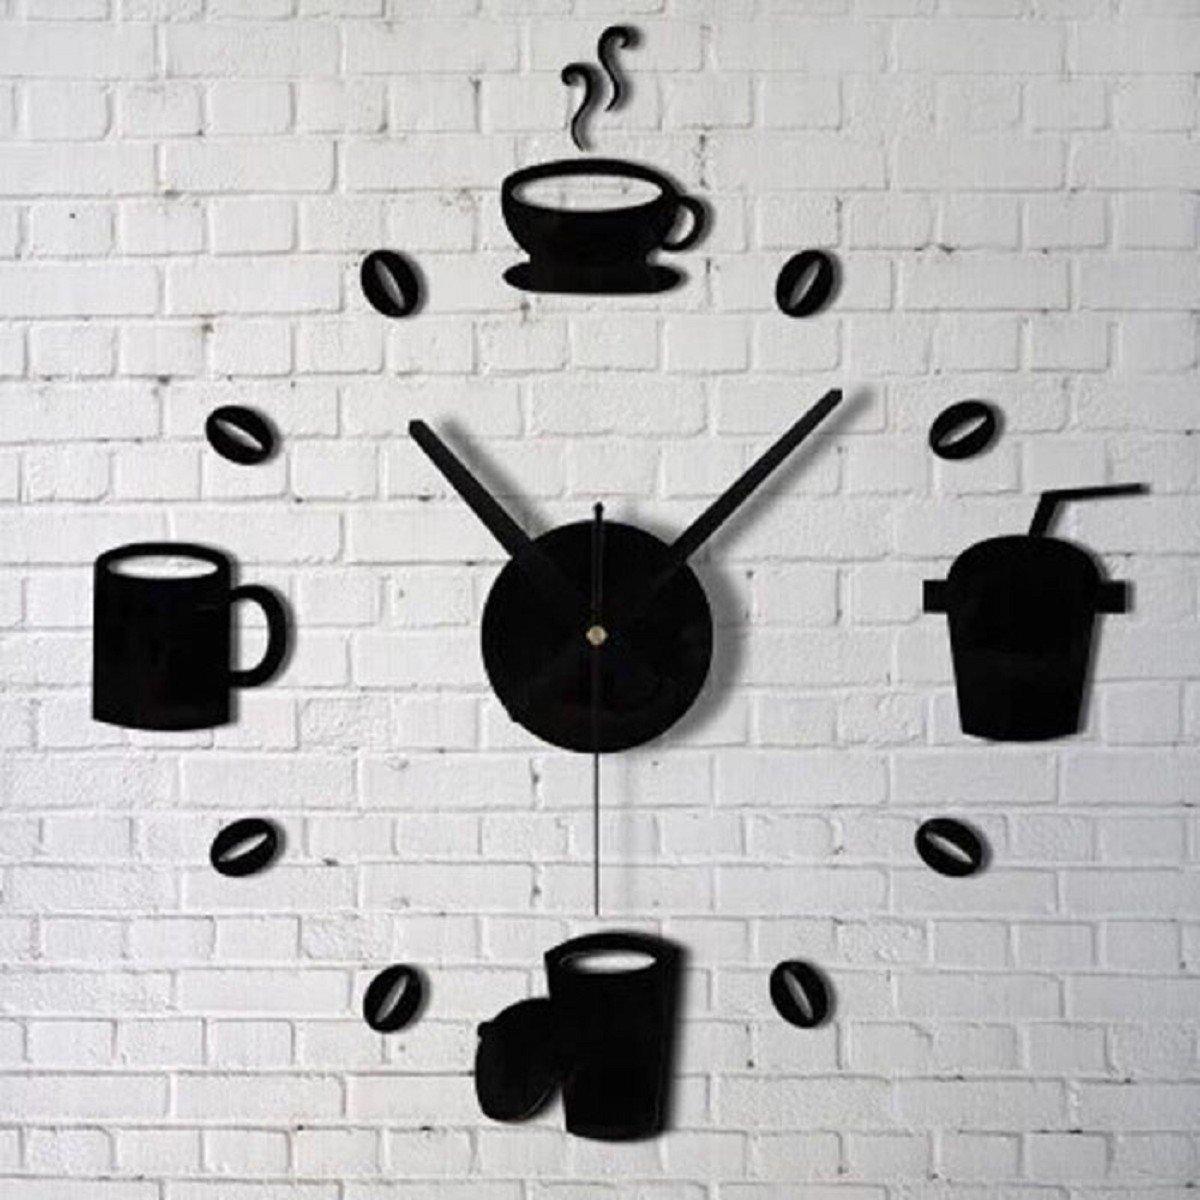 Tongshi Moda acrílico bricolaje auto-adhesivo de pared Decoración interior creativa Reloj: Amazon.es: Hogar